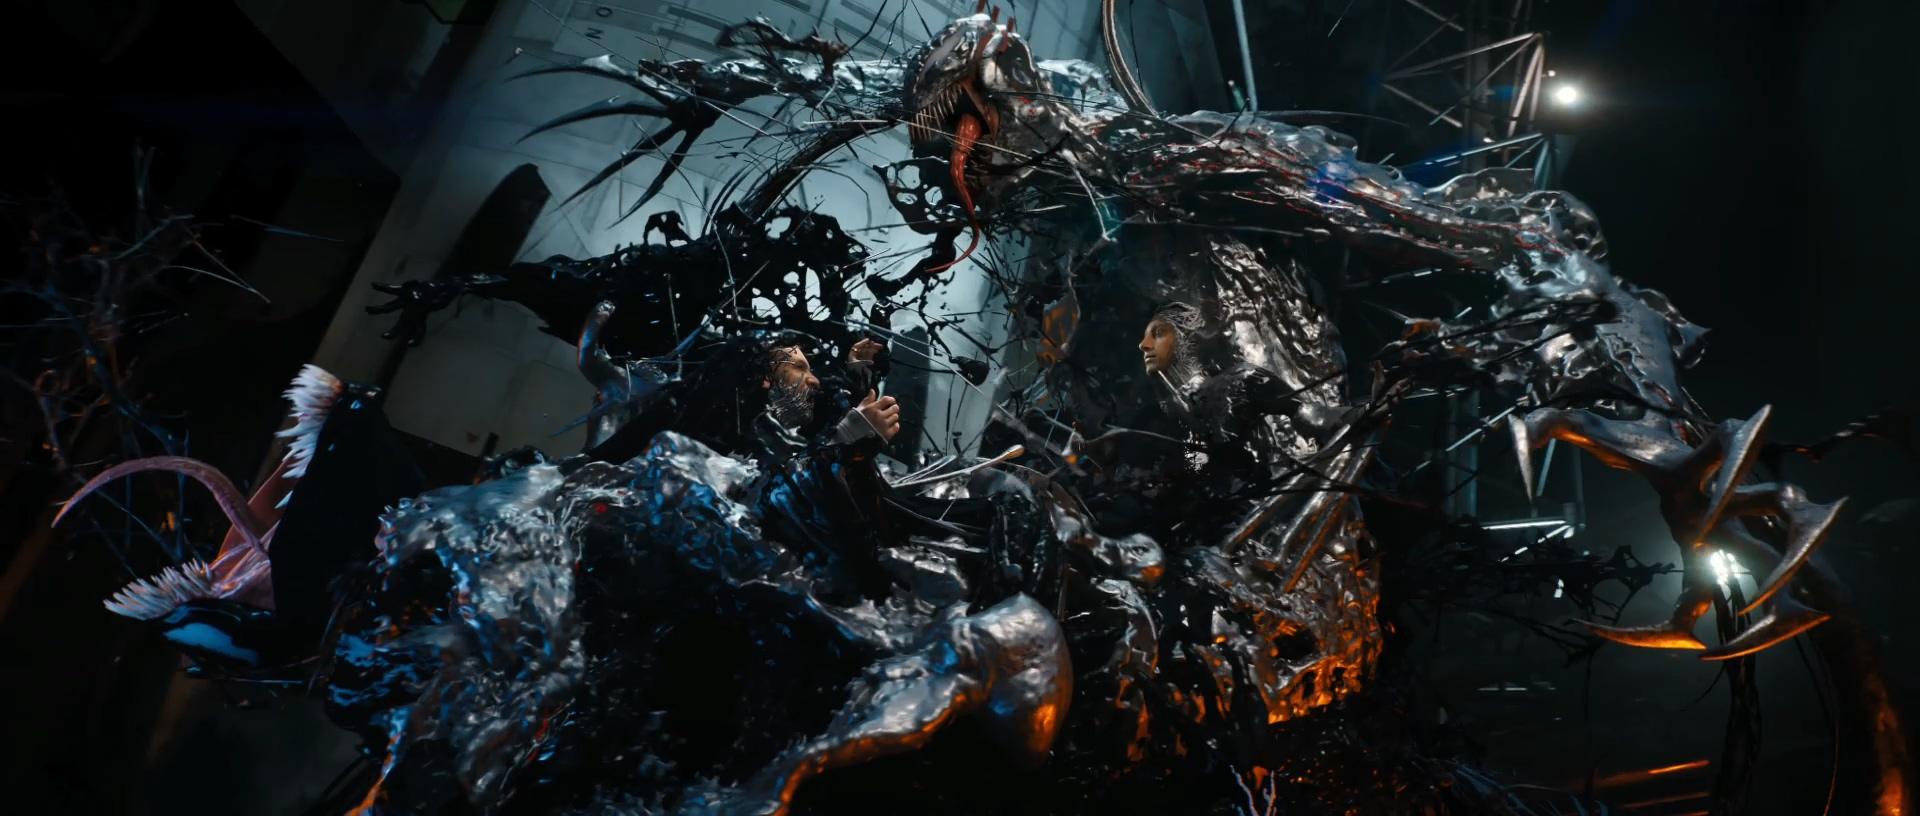 《毒液》彩蛋大全!它和蜘蛛侠竟有这么多恩怨纠葛!